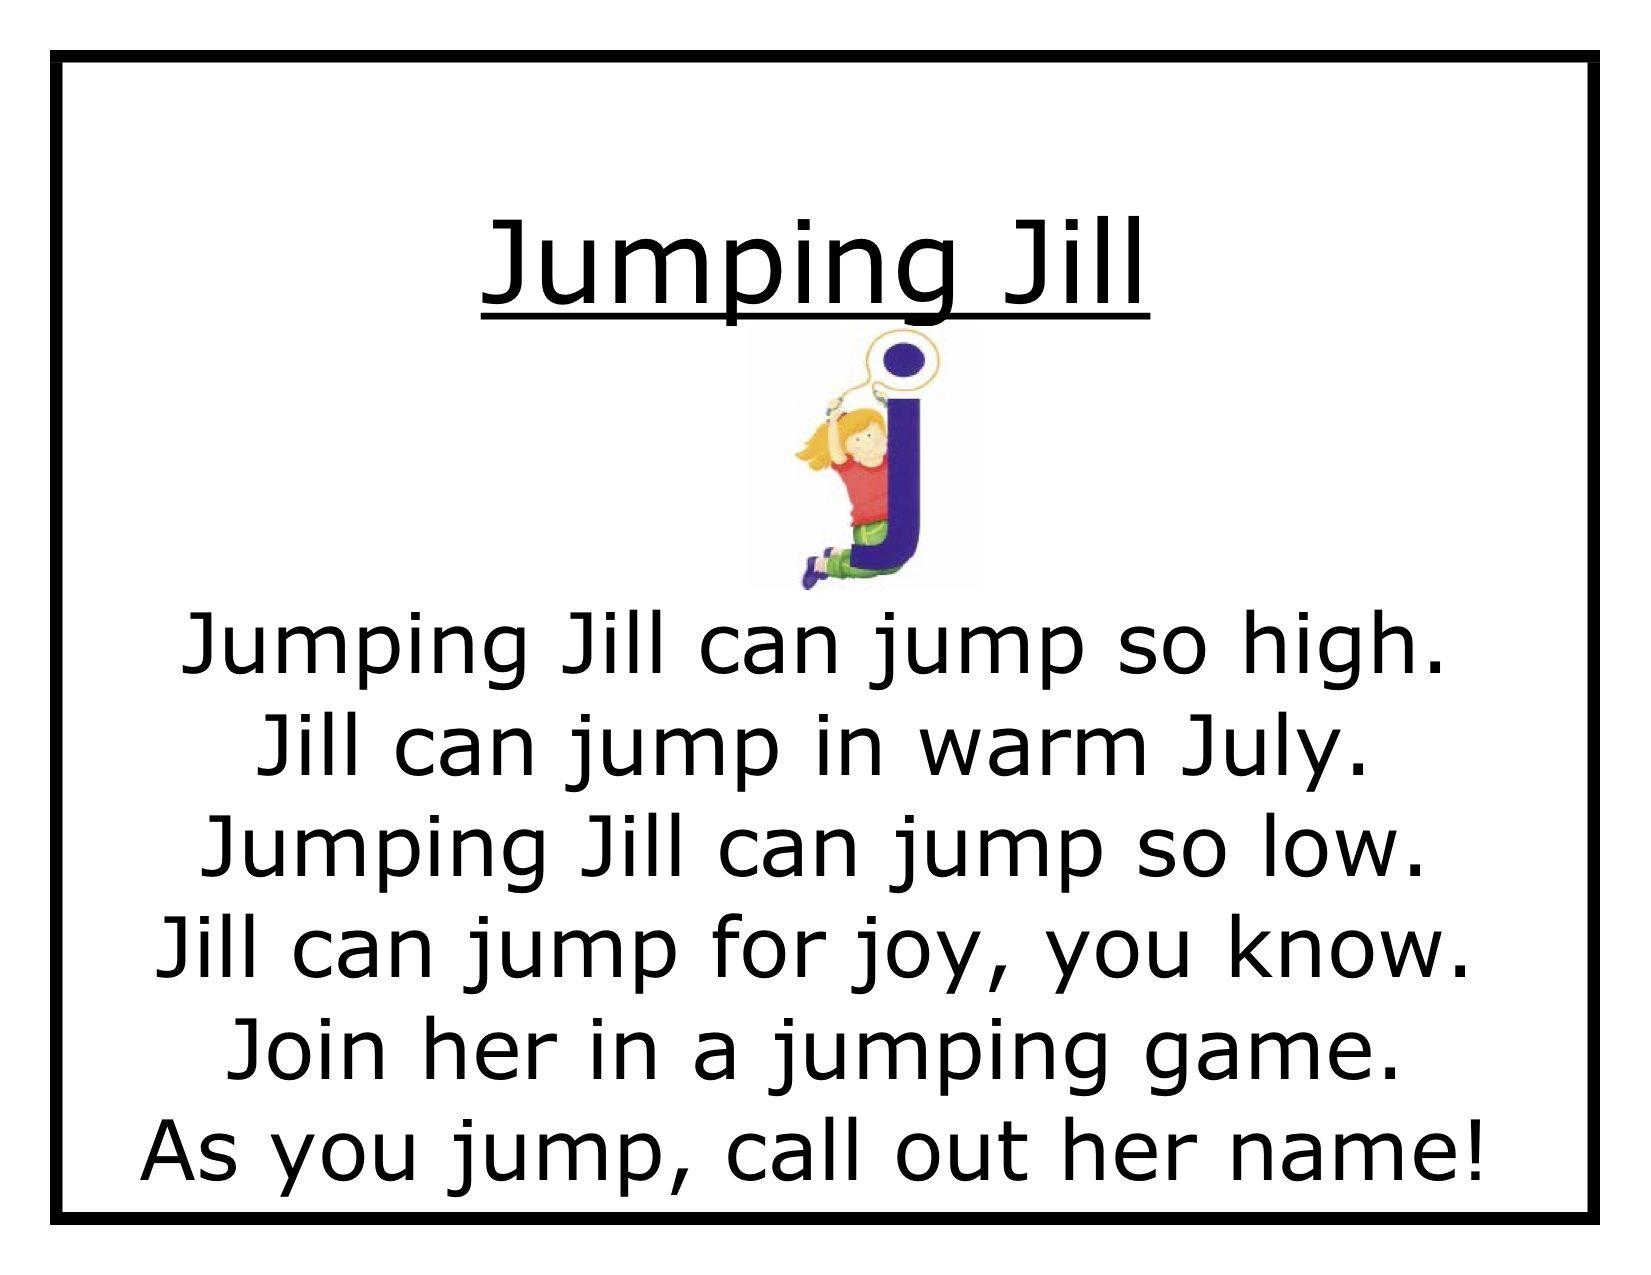 Jumpingjill